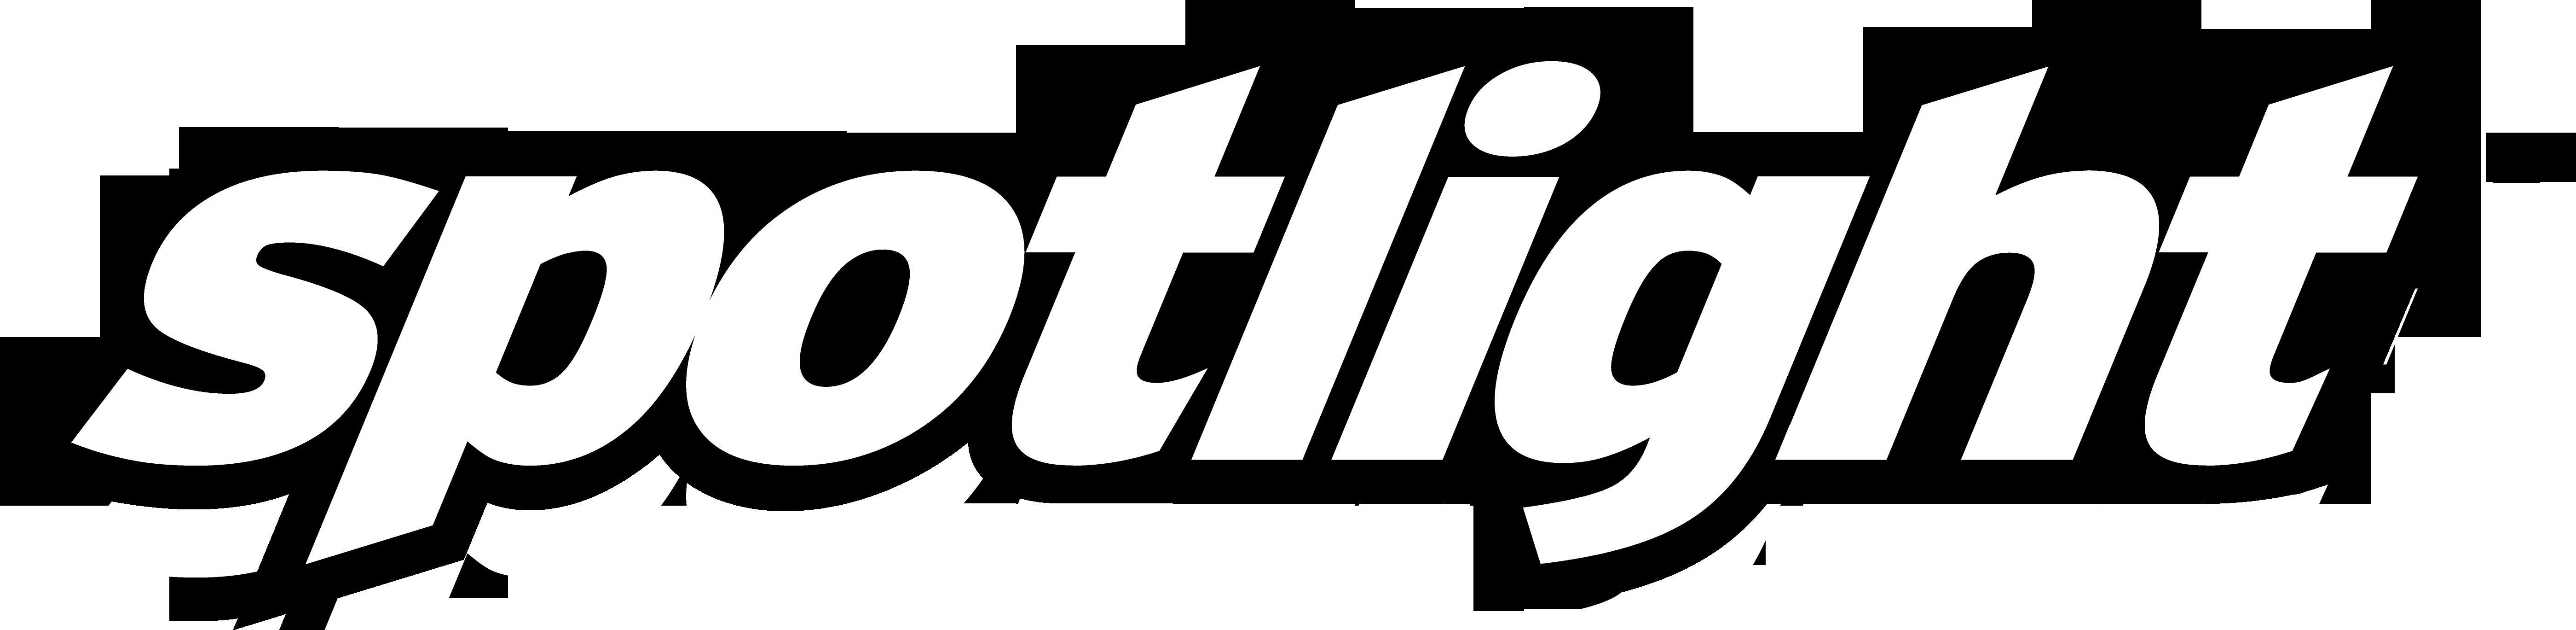 Flashlight clipart spotlight. Under construction logo